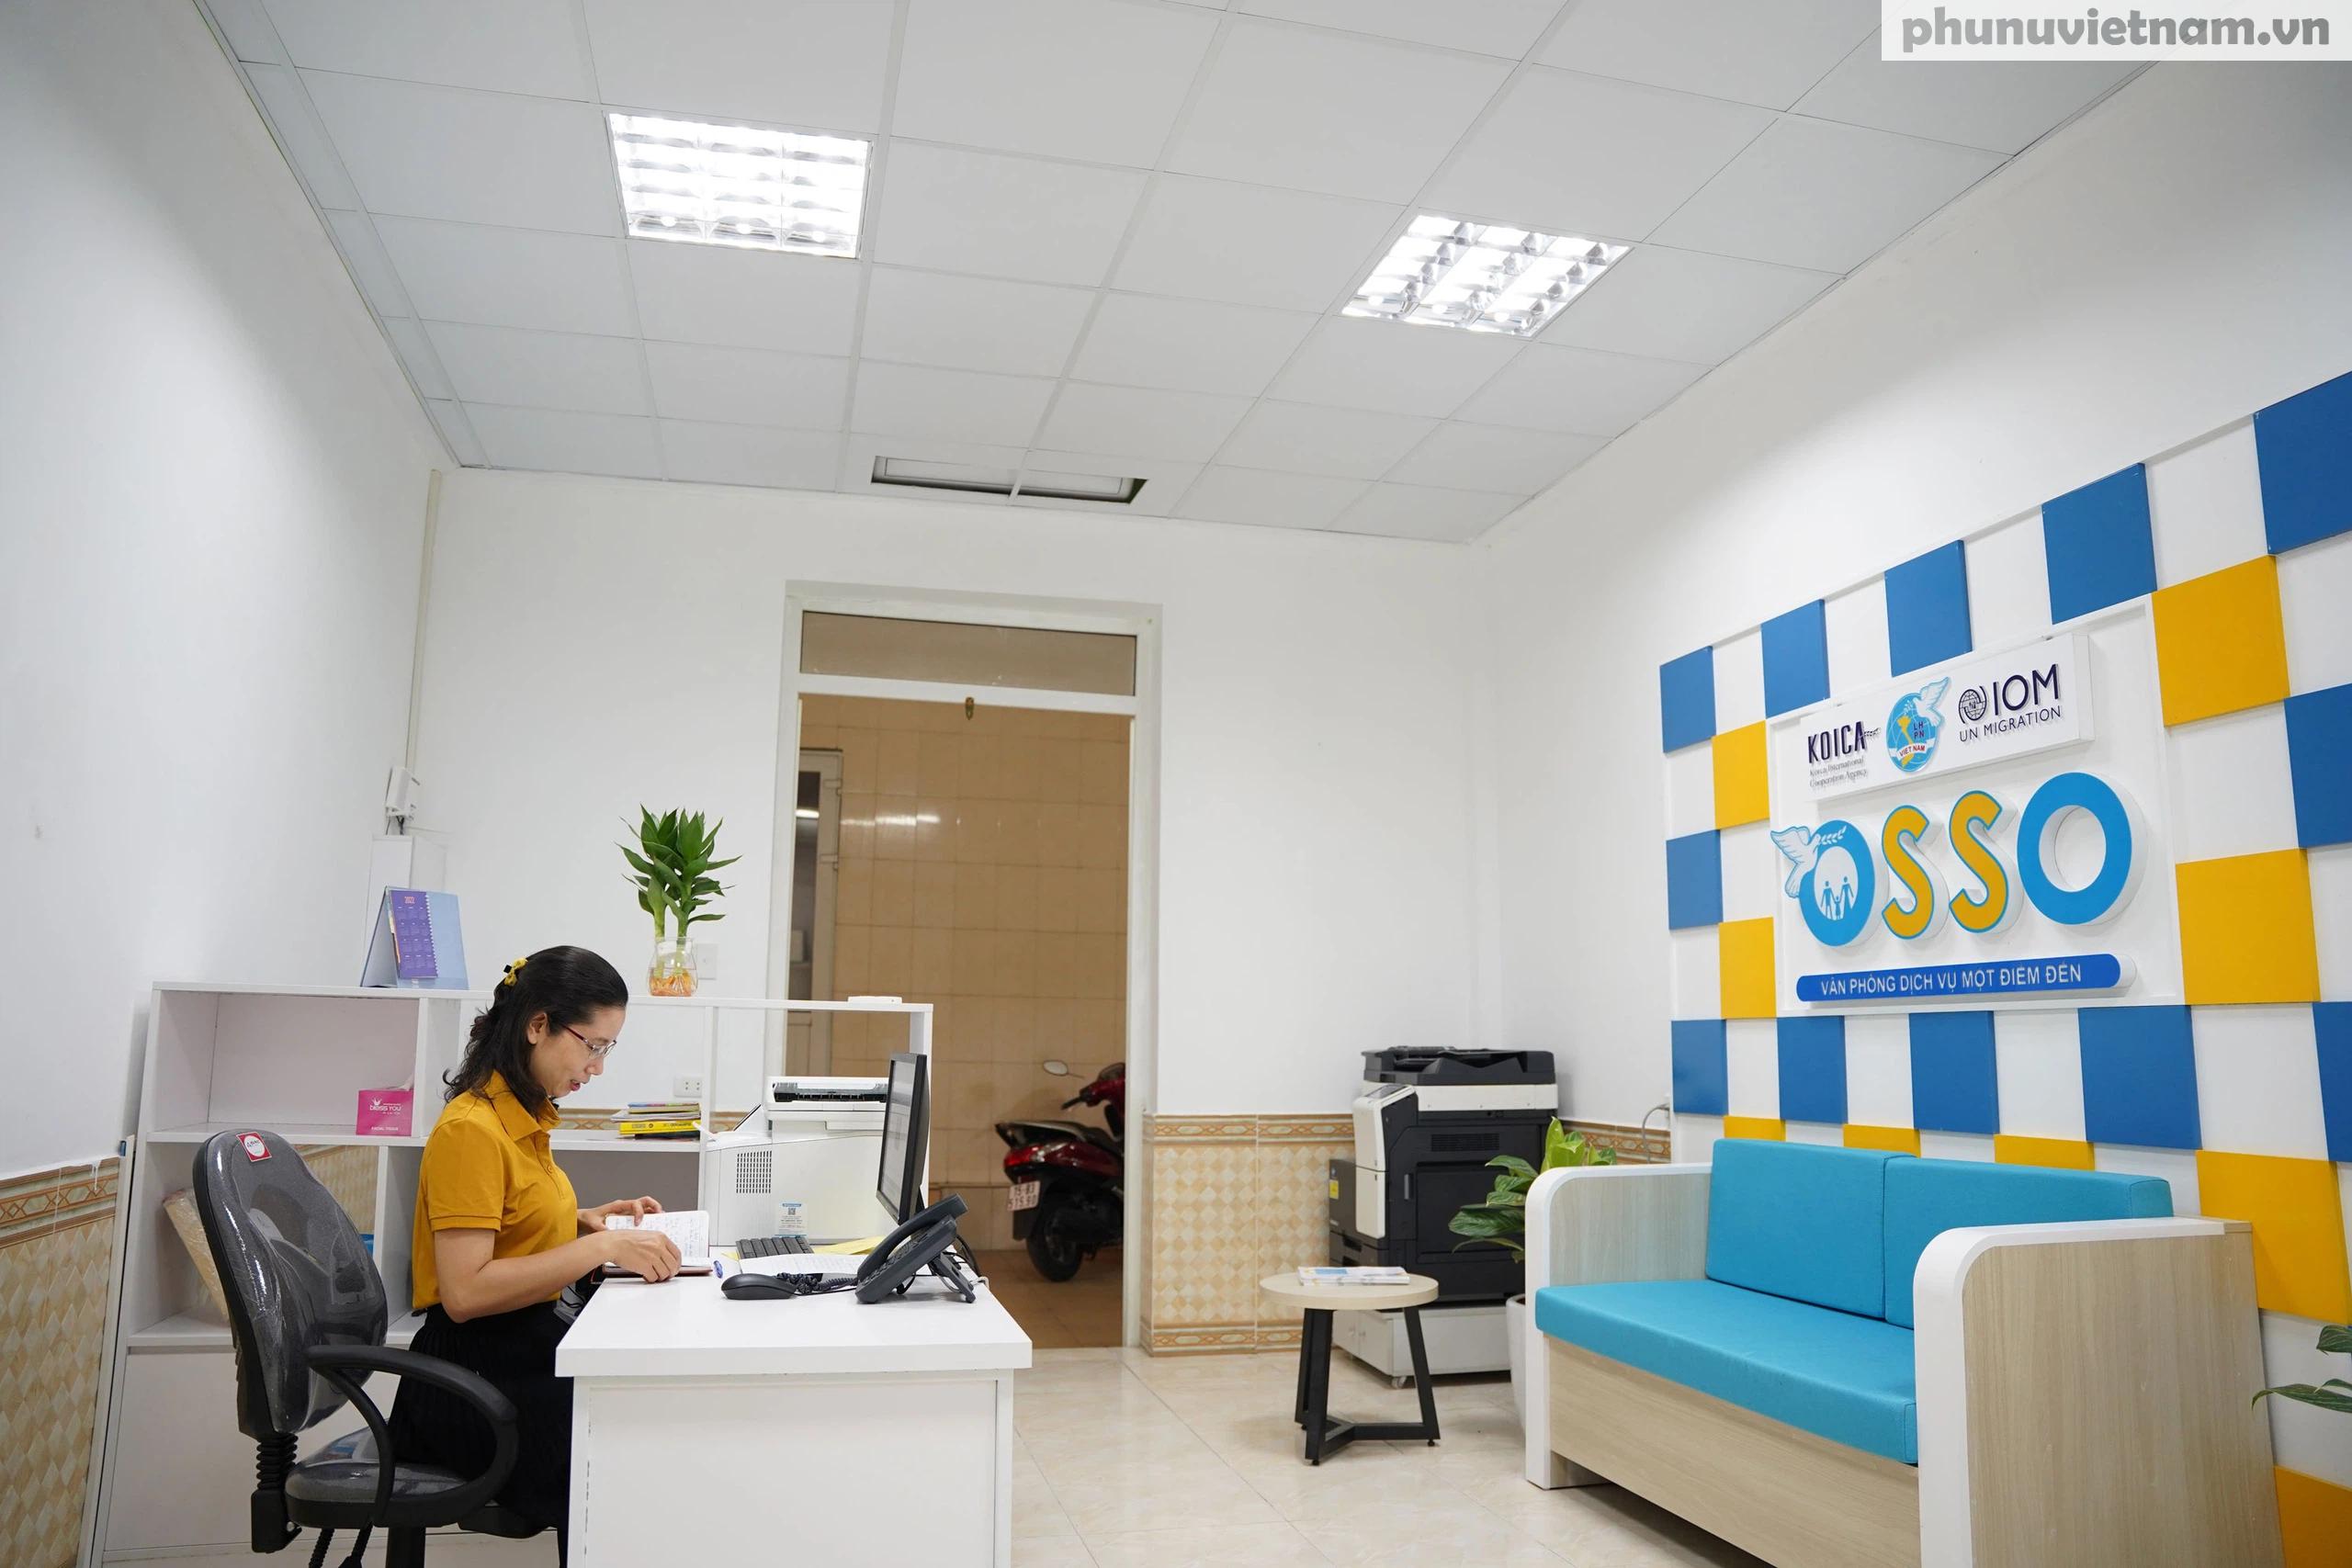 Văn phòng hỗ trợ phụ nữ di cư hồi hương ở Hải Phòng trước ngày khai trương - Ảnh 10.